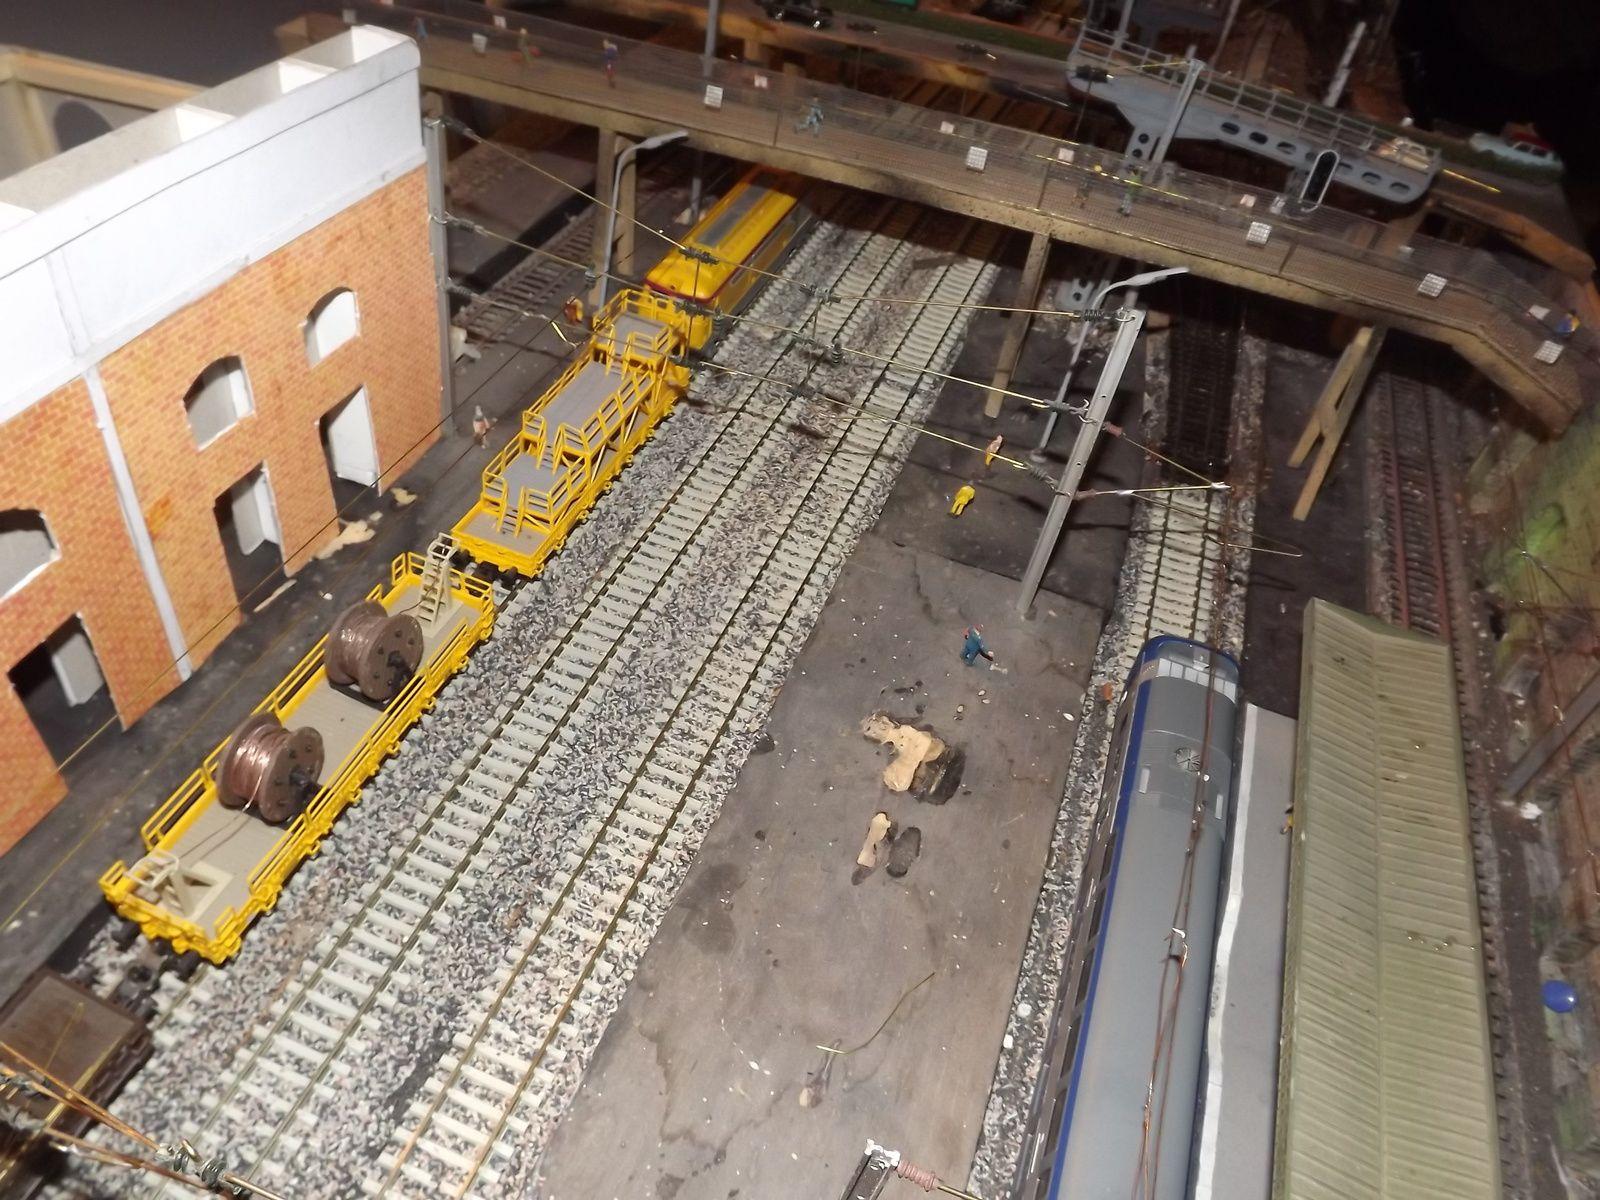 Le train de travaux caténaires est sur voie 2 tracté par un BB 67400 INFRA